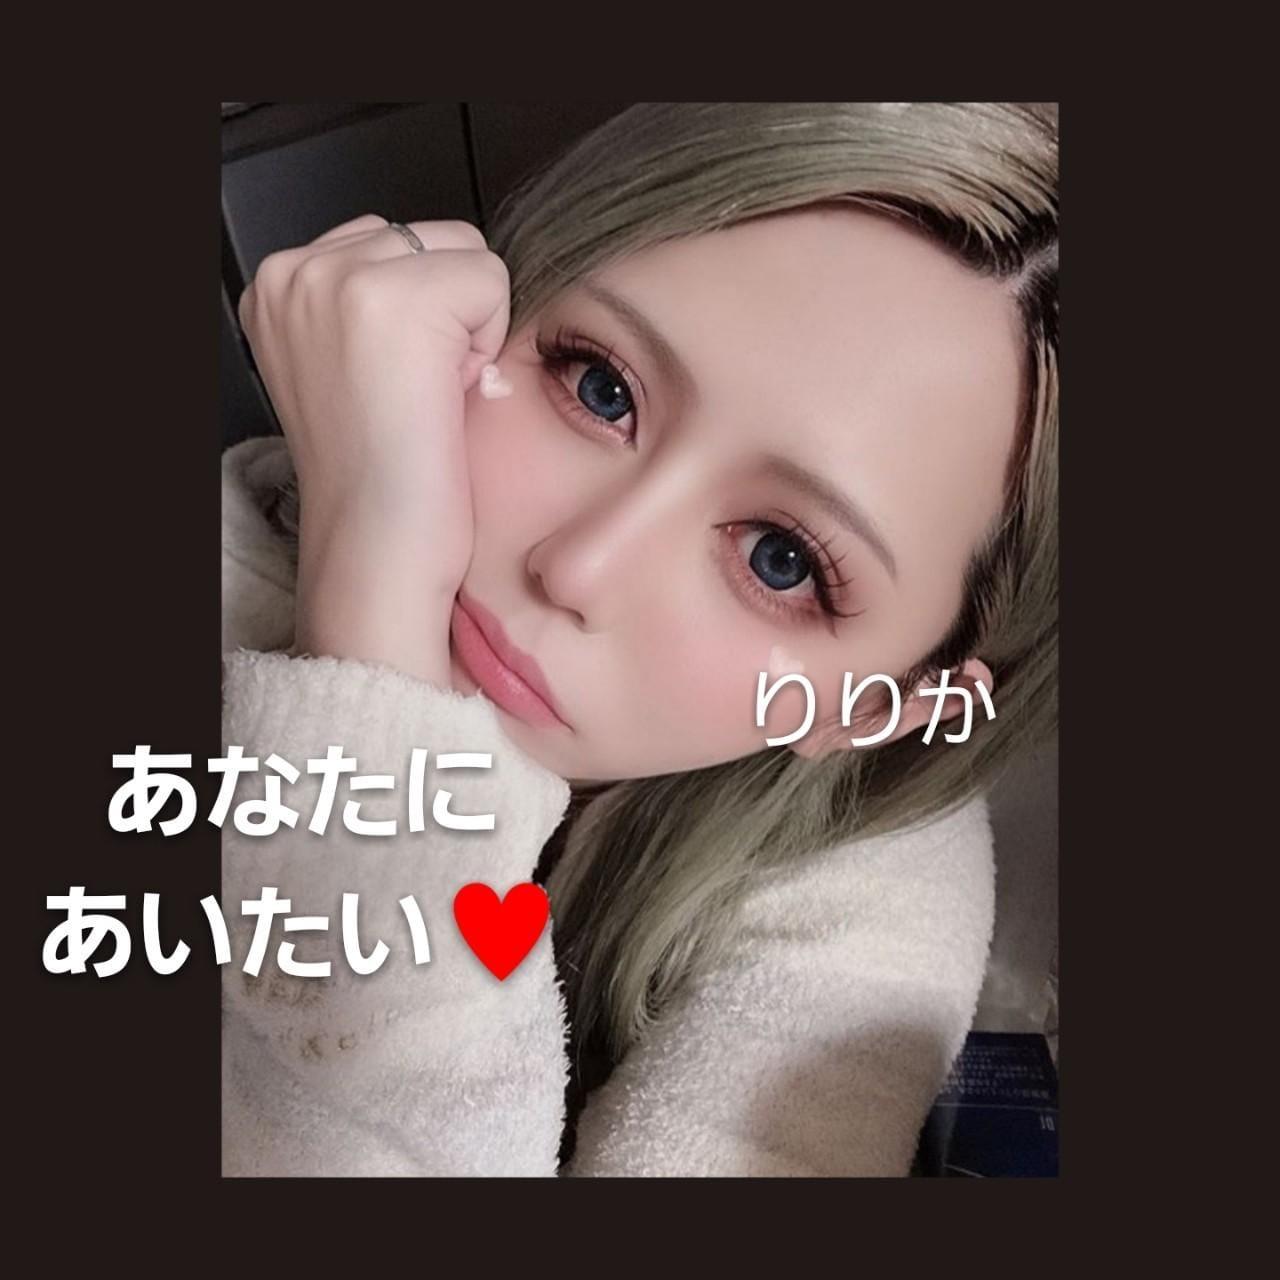 「ありがとー」05/31日(日) 17:09 | リリカ◇の写メ・風俗動画